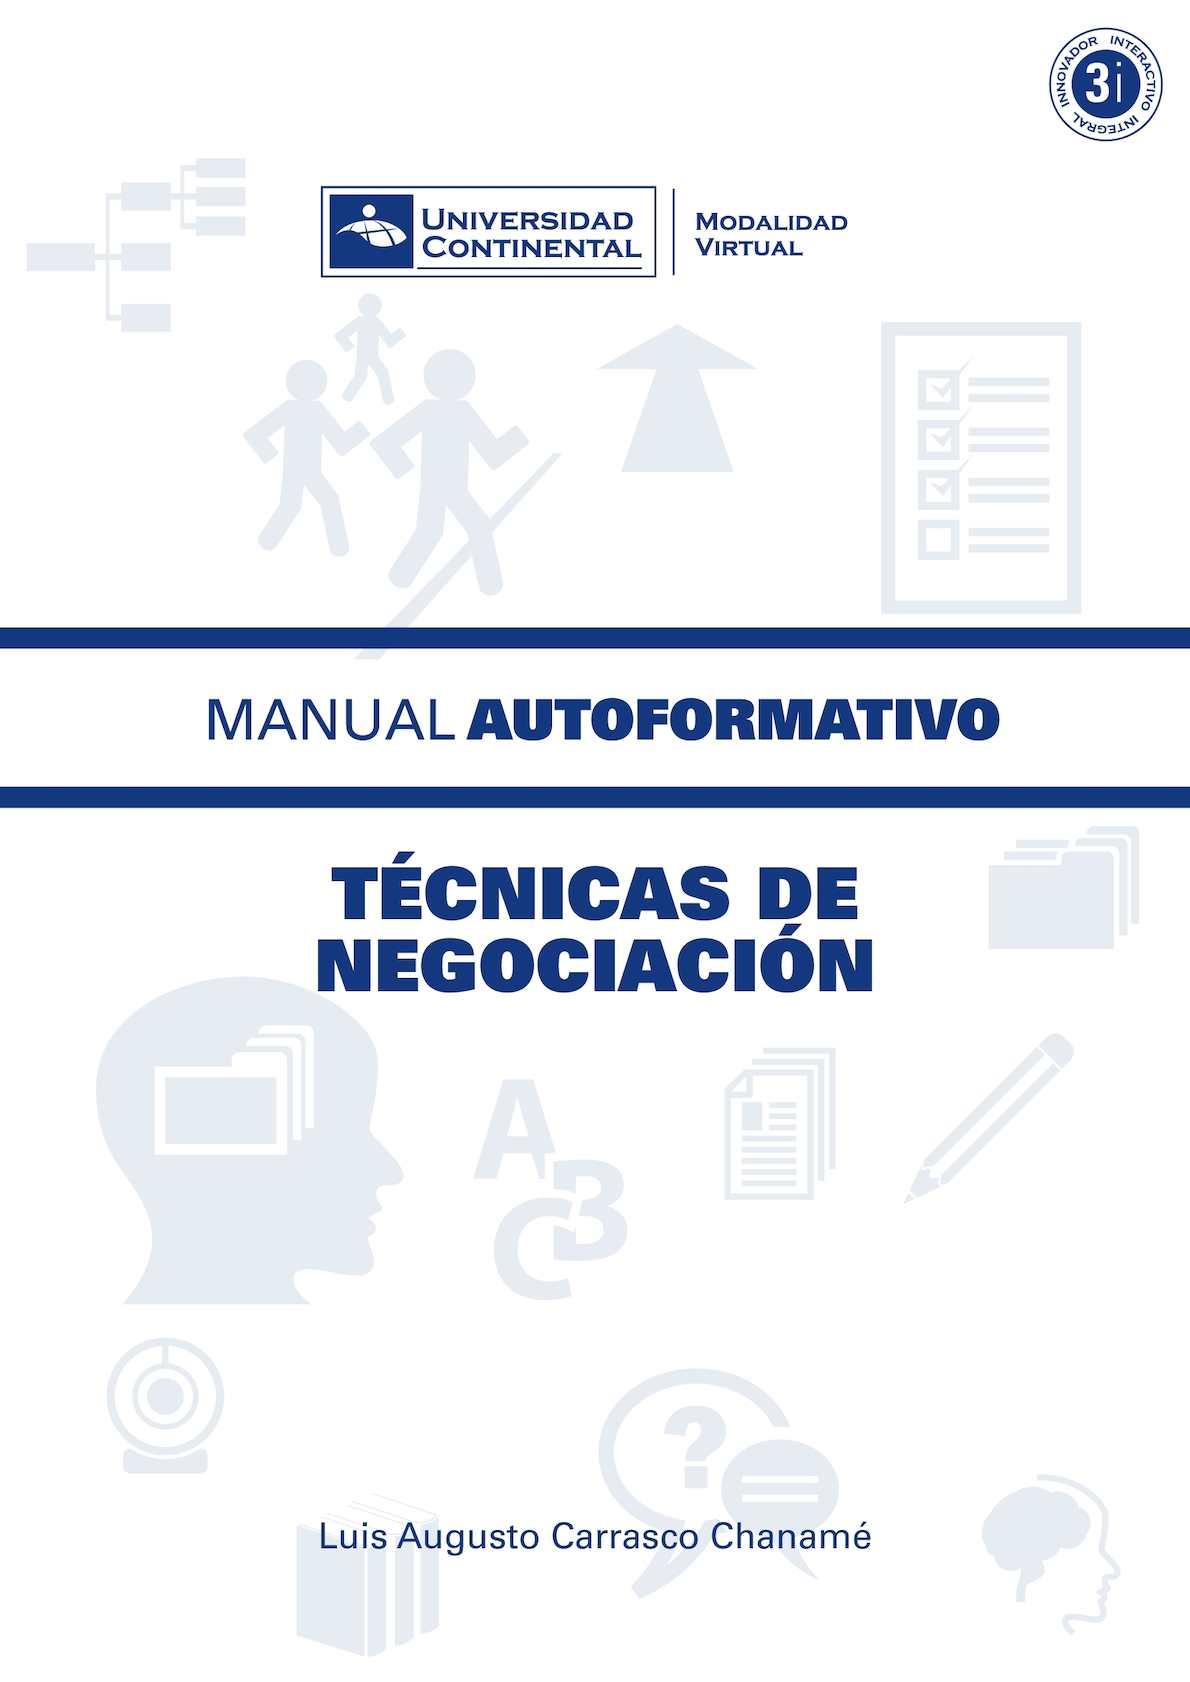 A0953 MA Tecnicas De Negociacion ED1 V1 2015